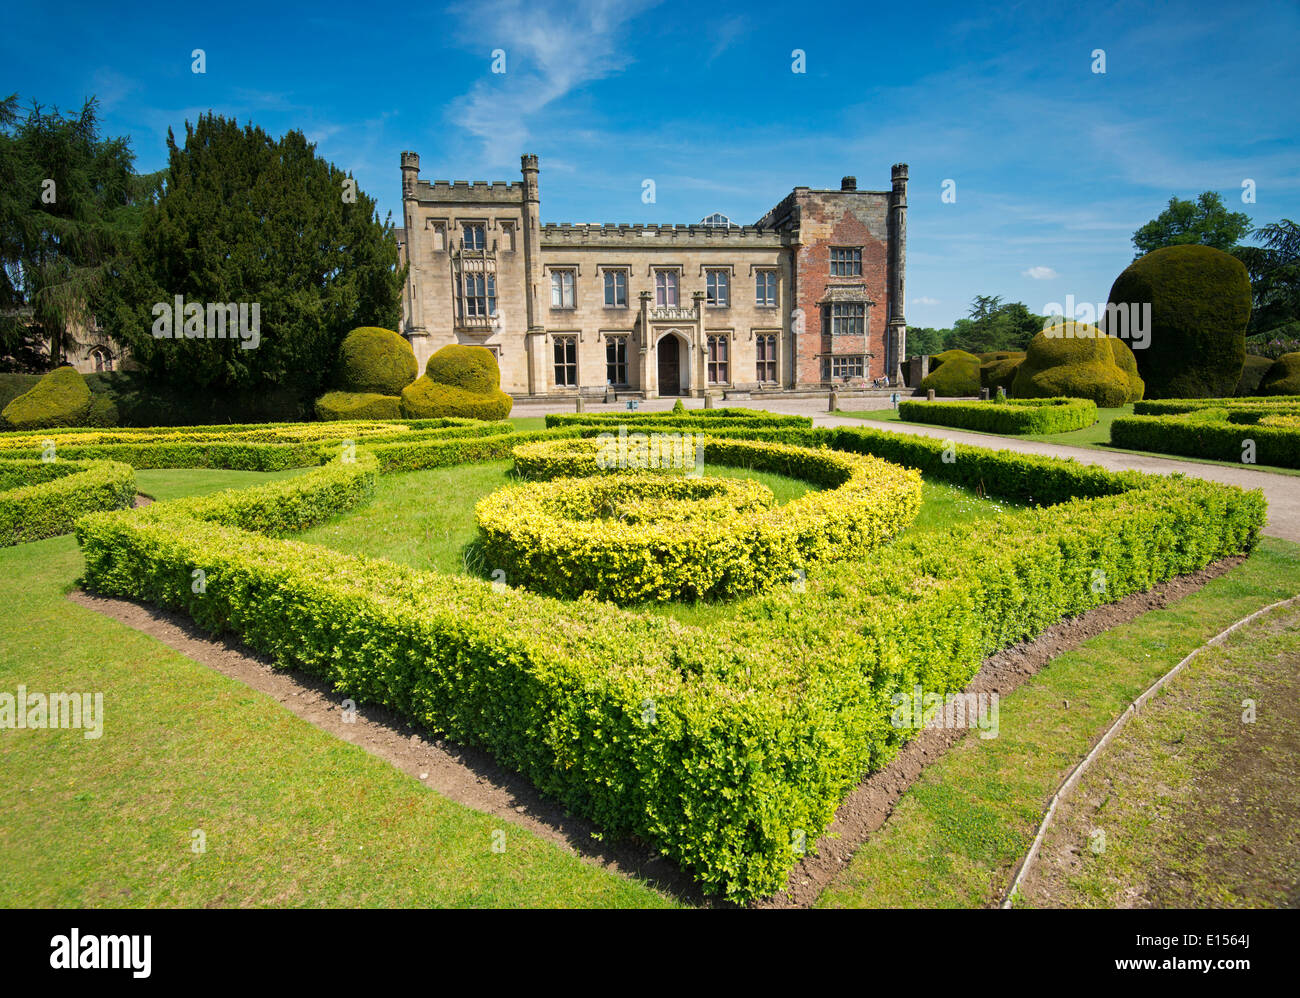 Formal Gardens at Elvaston Castle in Derbyshire, England UK - Stock Image